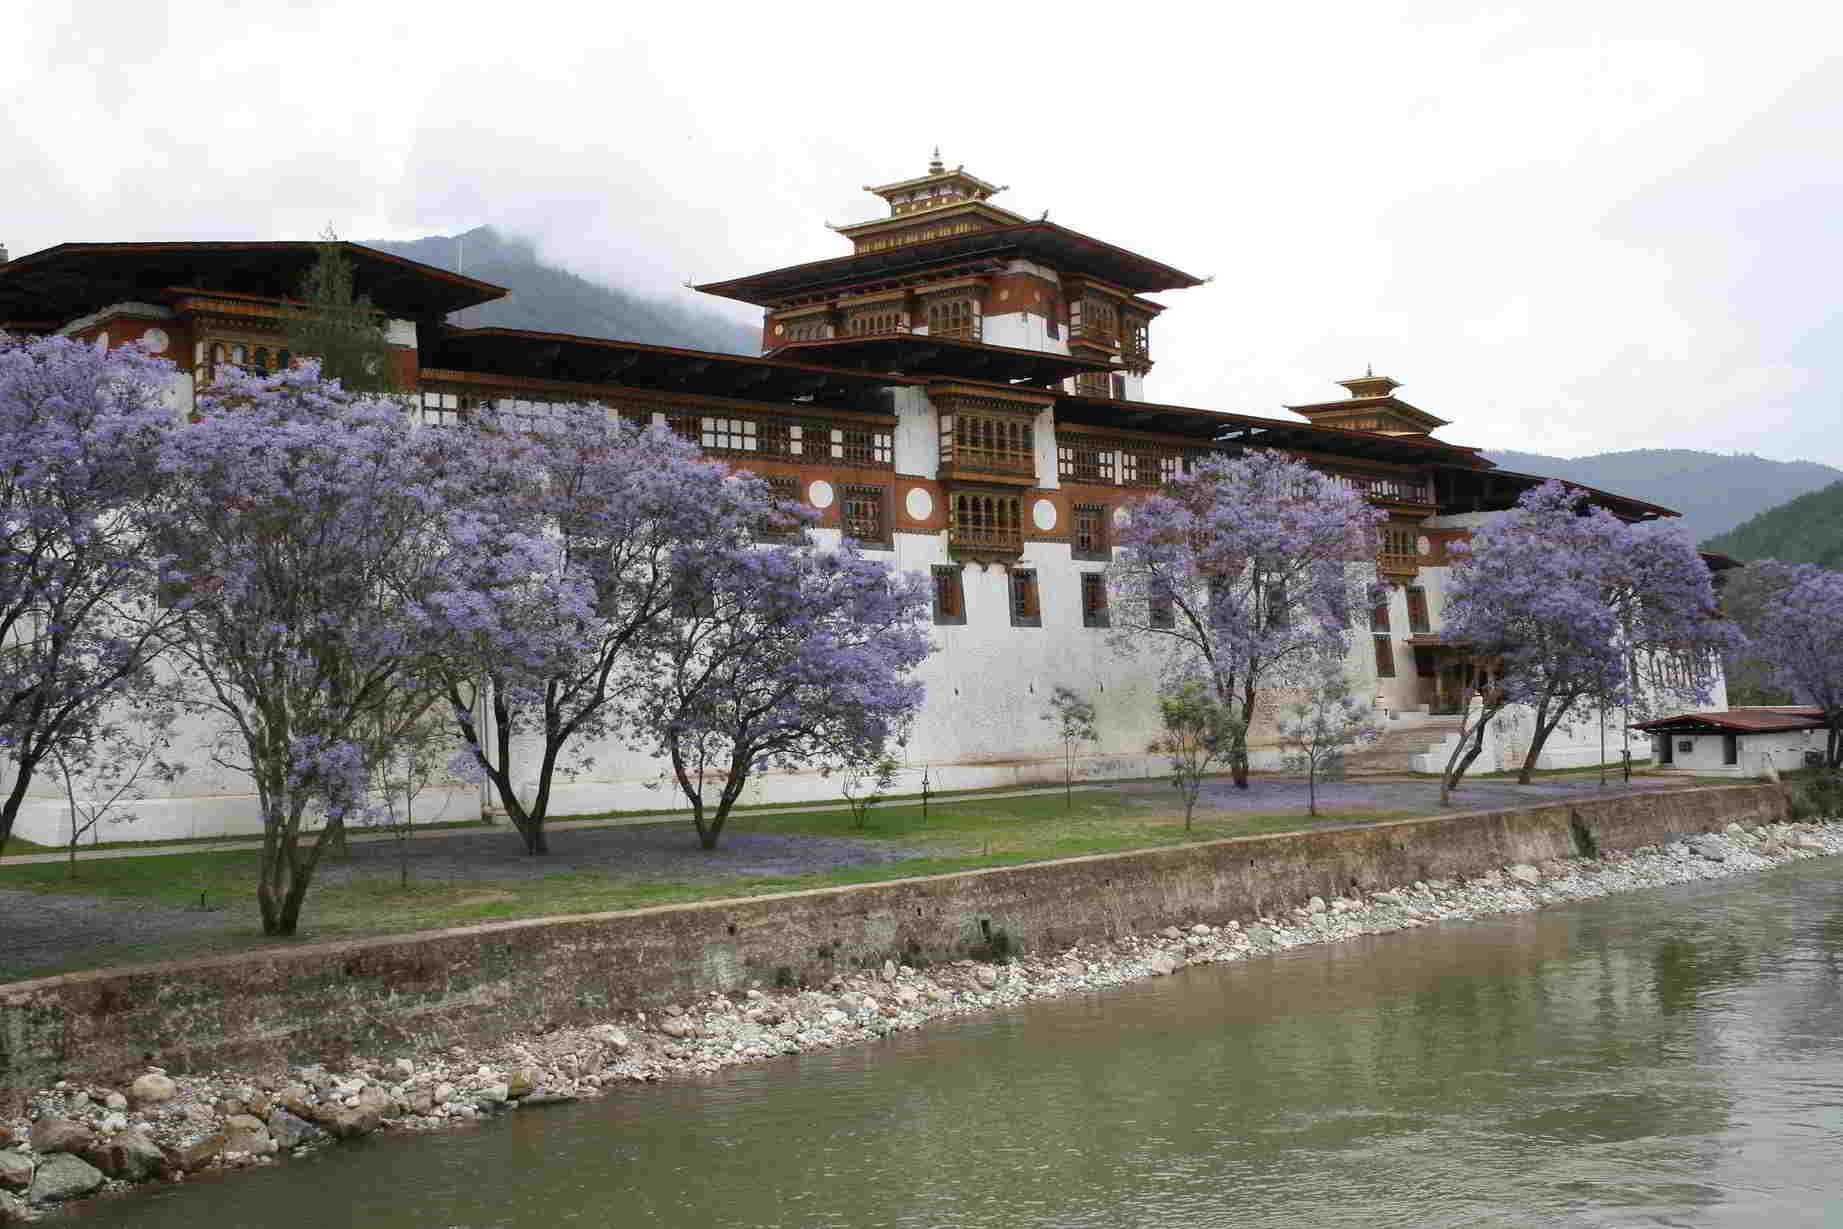 Putovanje-Butan-Posljednja-budisticka-kraljevina (6)